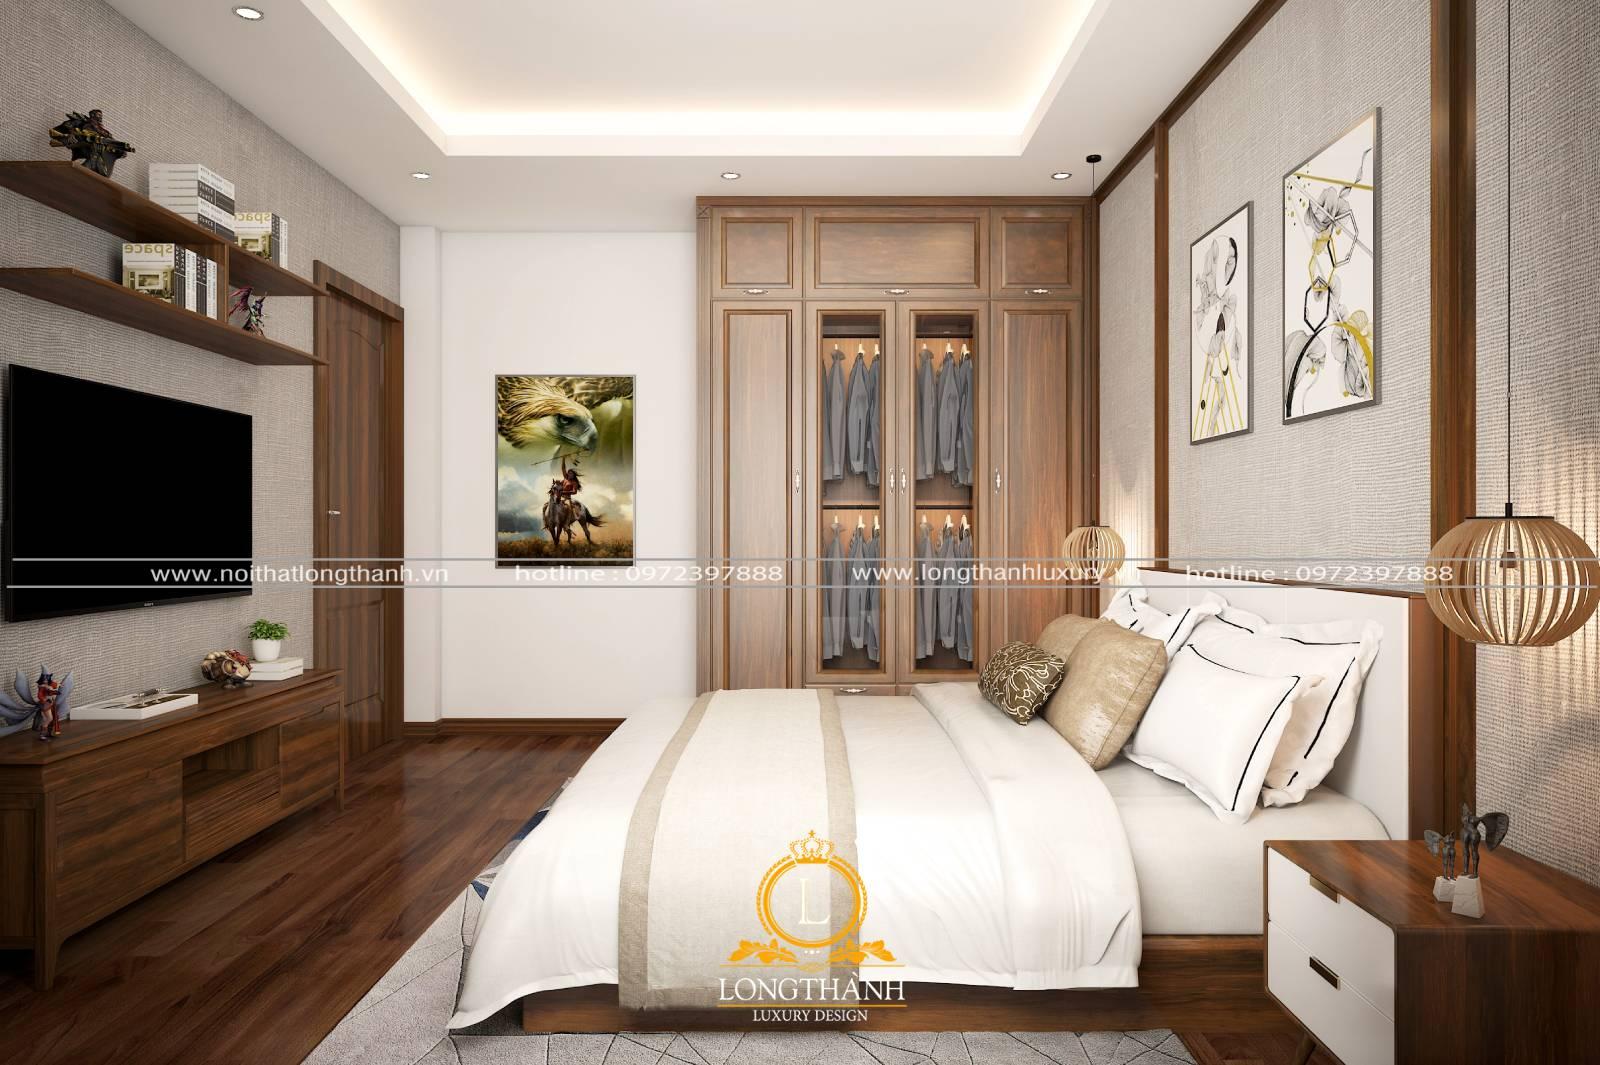 mẫu kệ tivi phòng ngủ hiện đại được làm bằng gỗ hương cao cấp